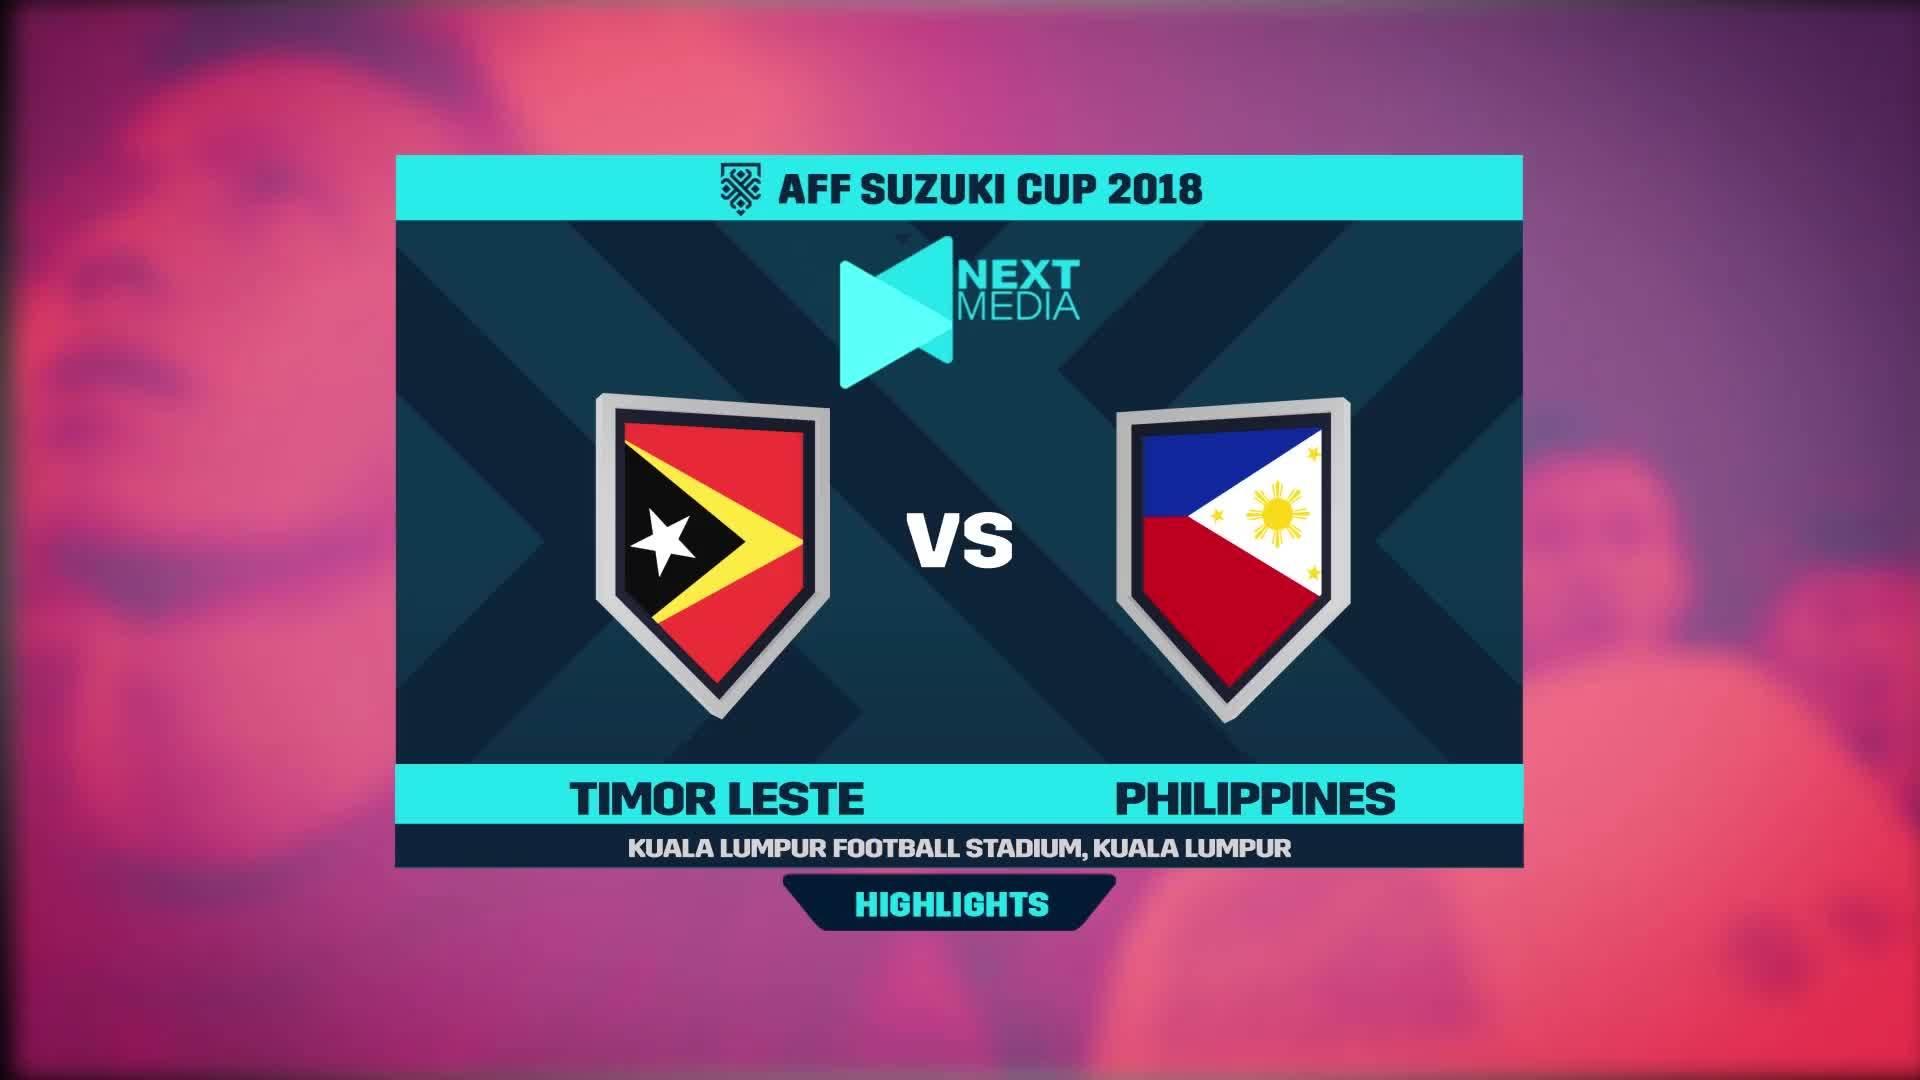 Timor Leste 2-3 Philippines